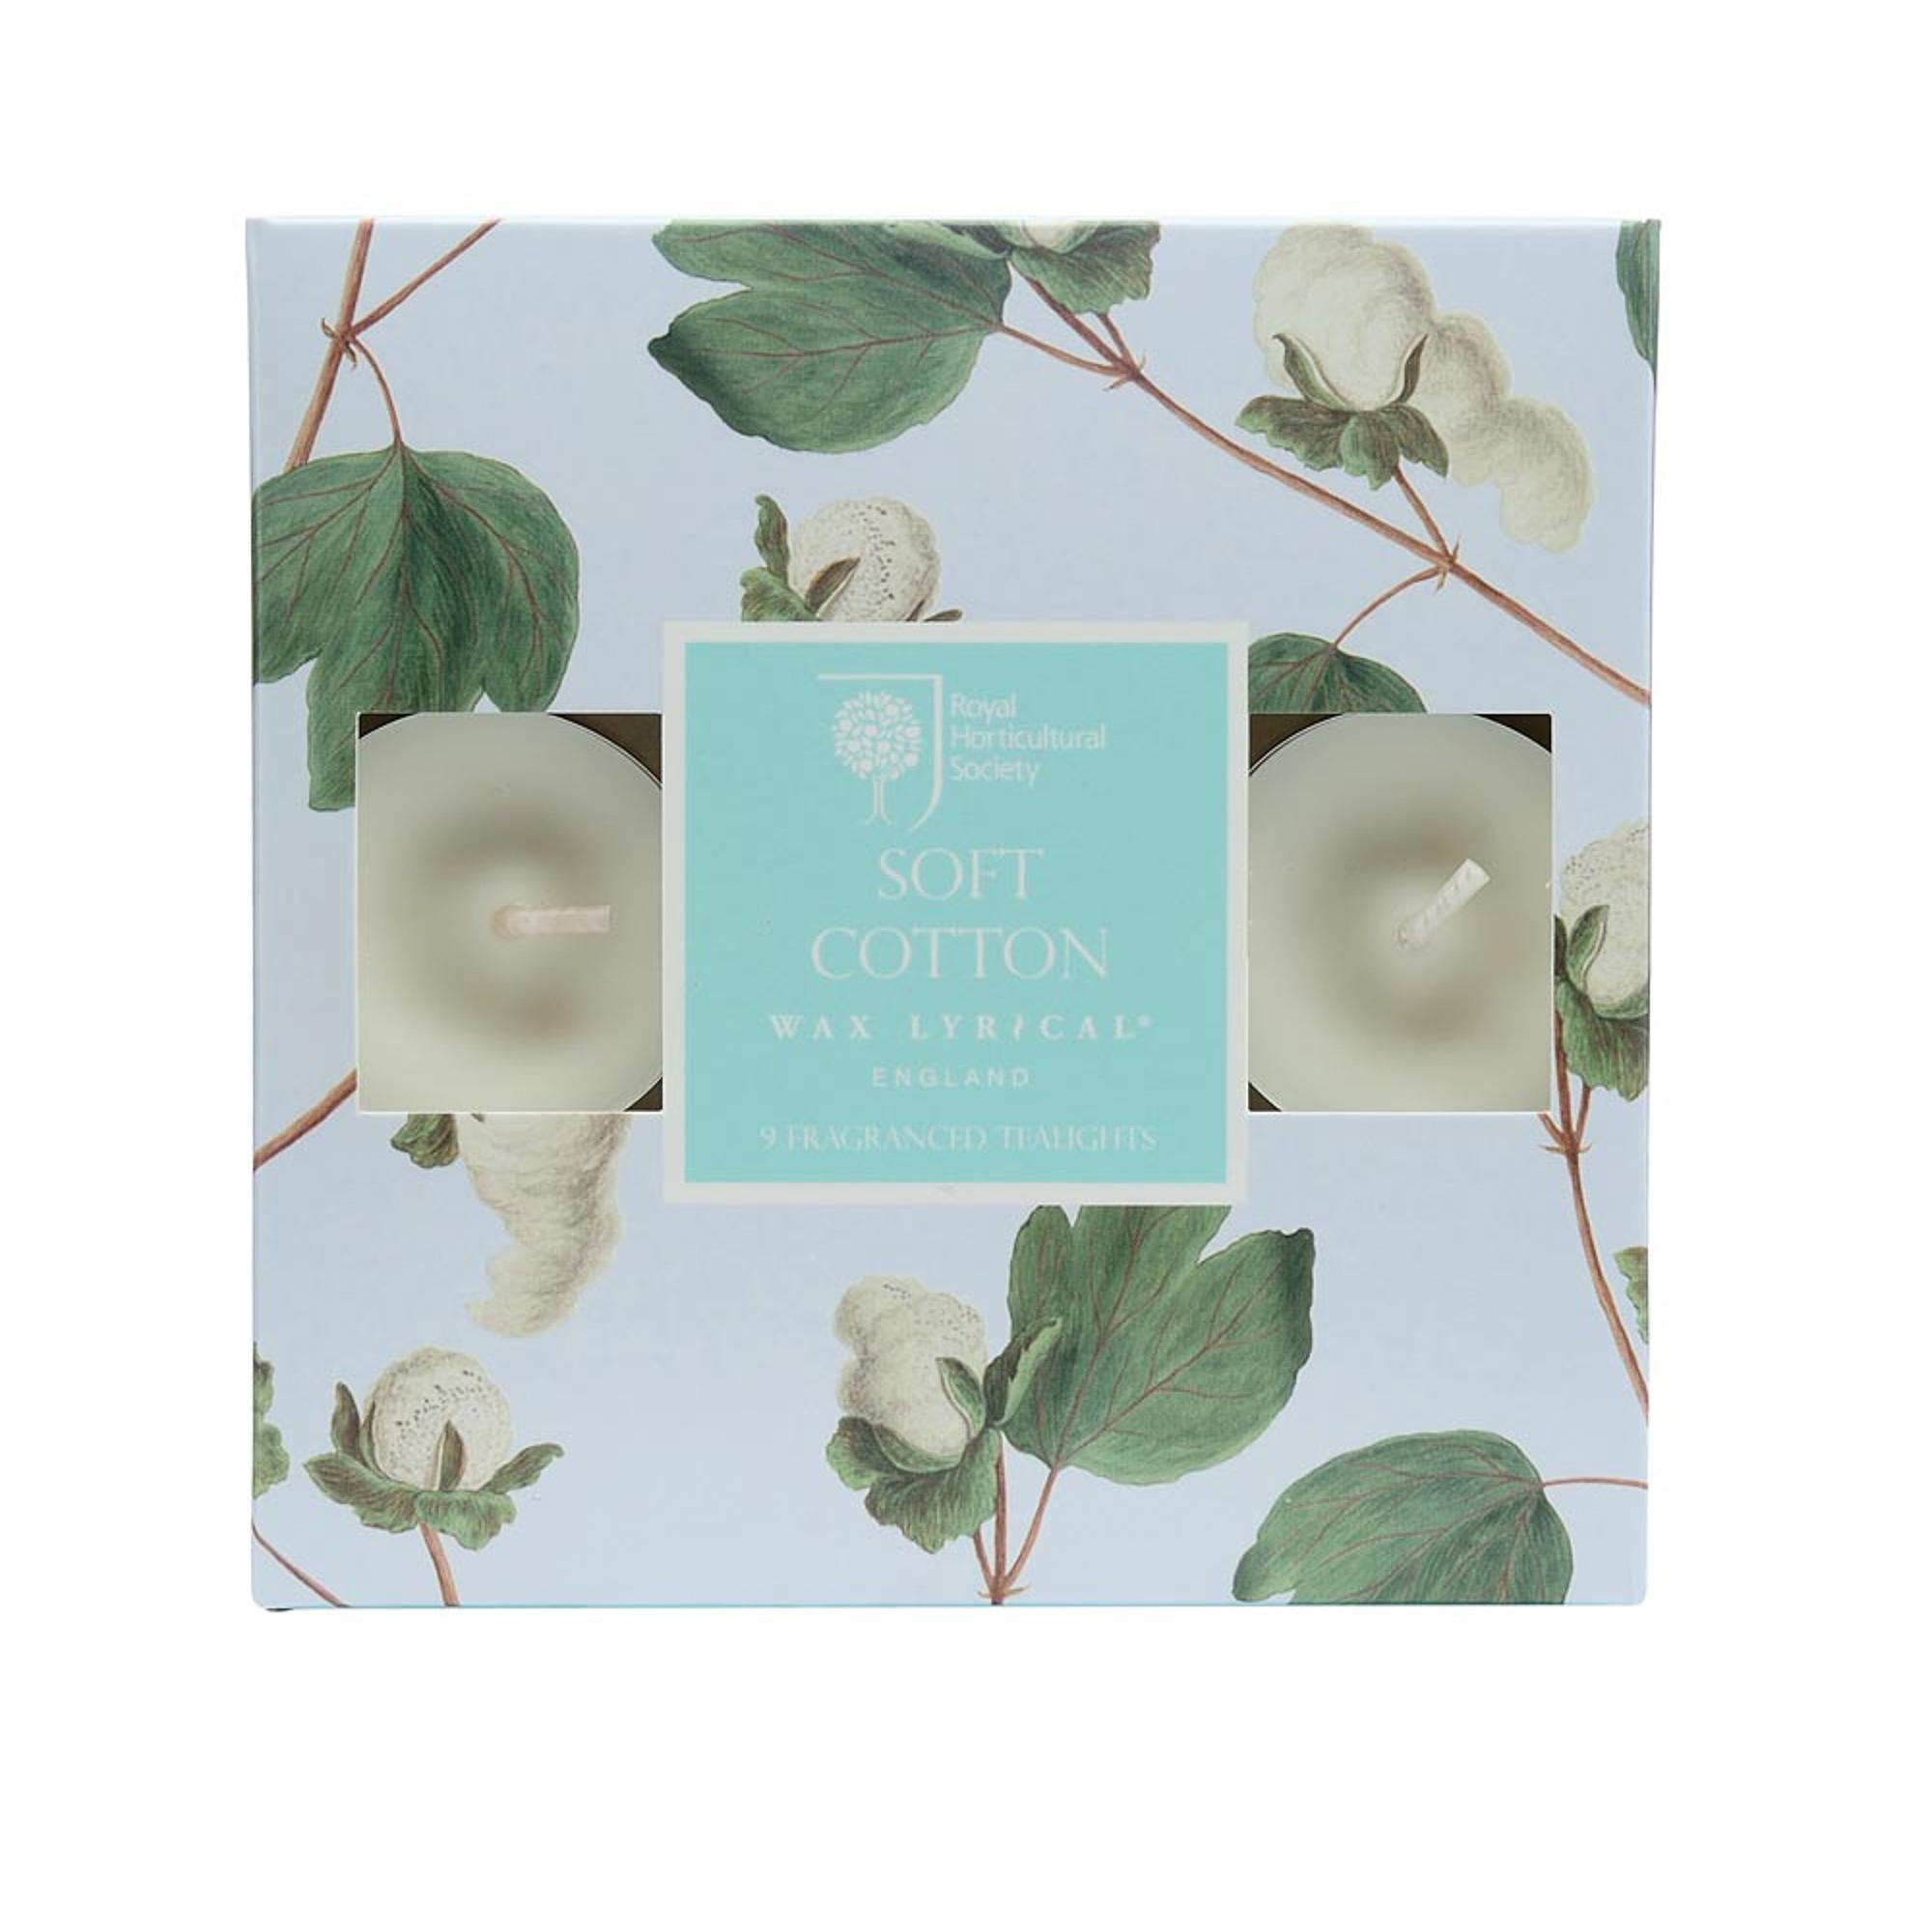 Купить Набор ароматических чайных свечей Цветущий хлопок, Wax Lyrical, набор свечей, Великобритания